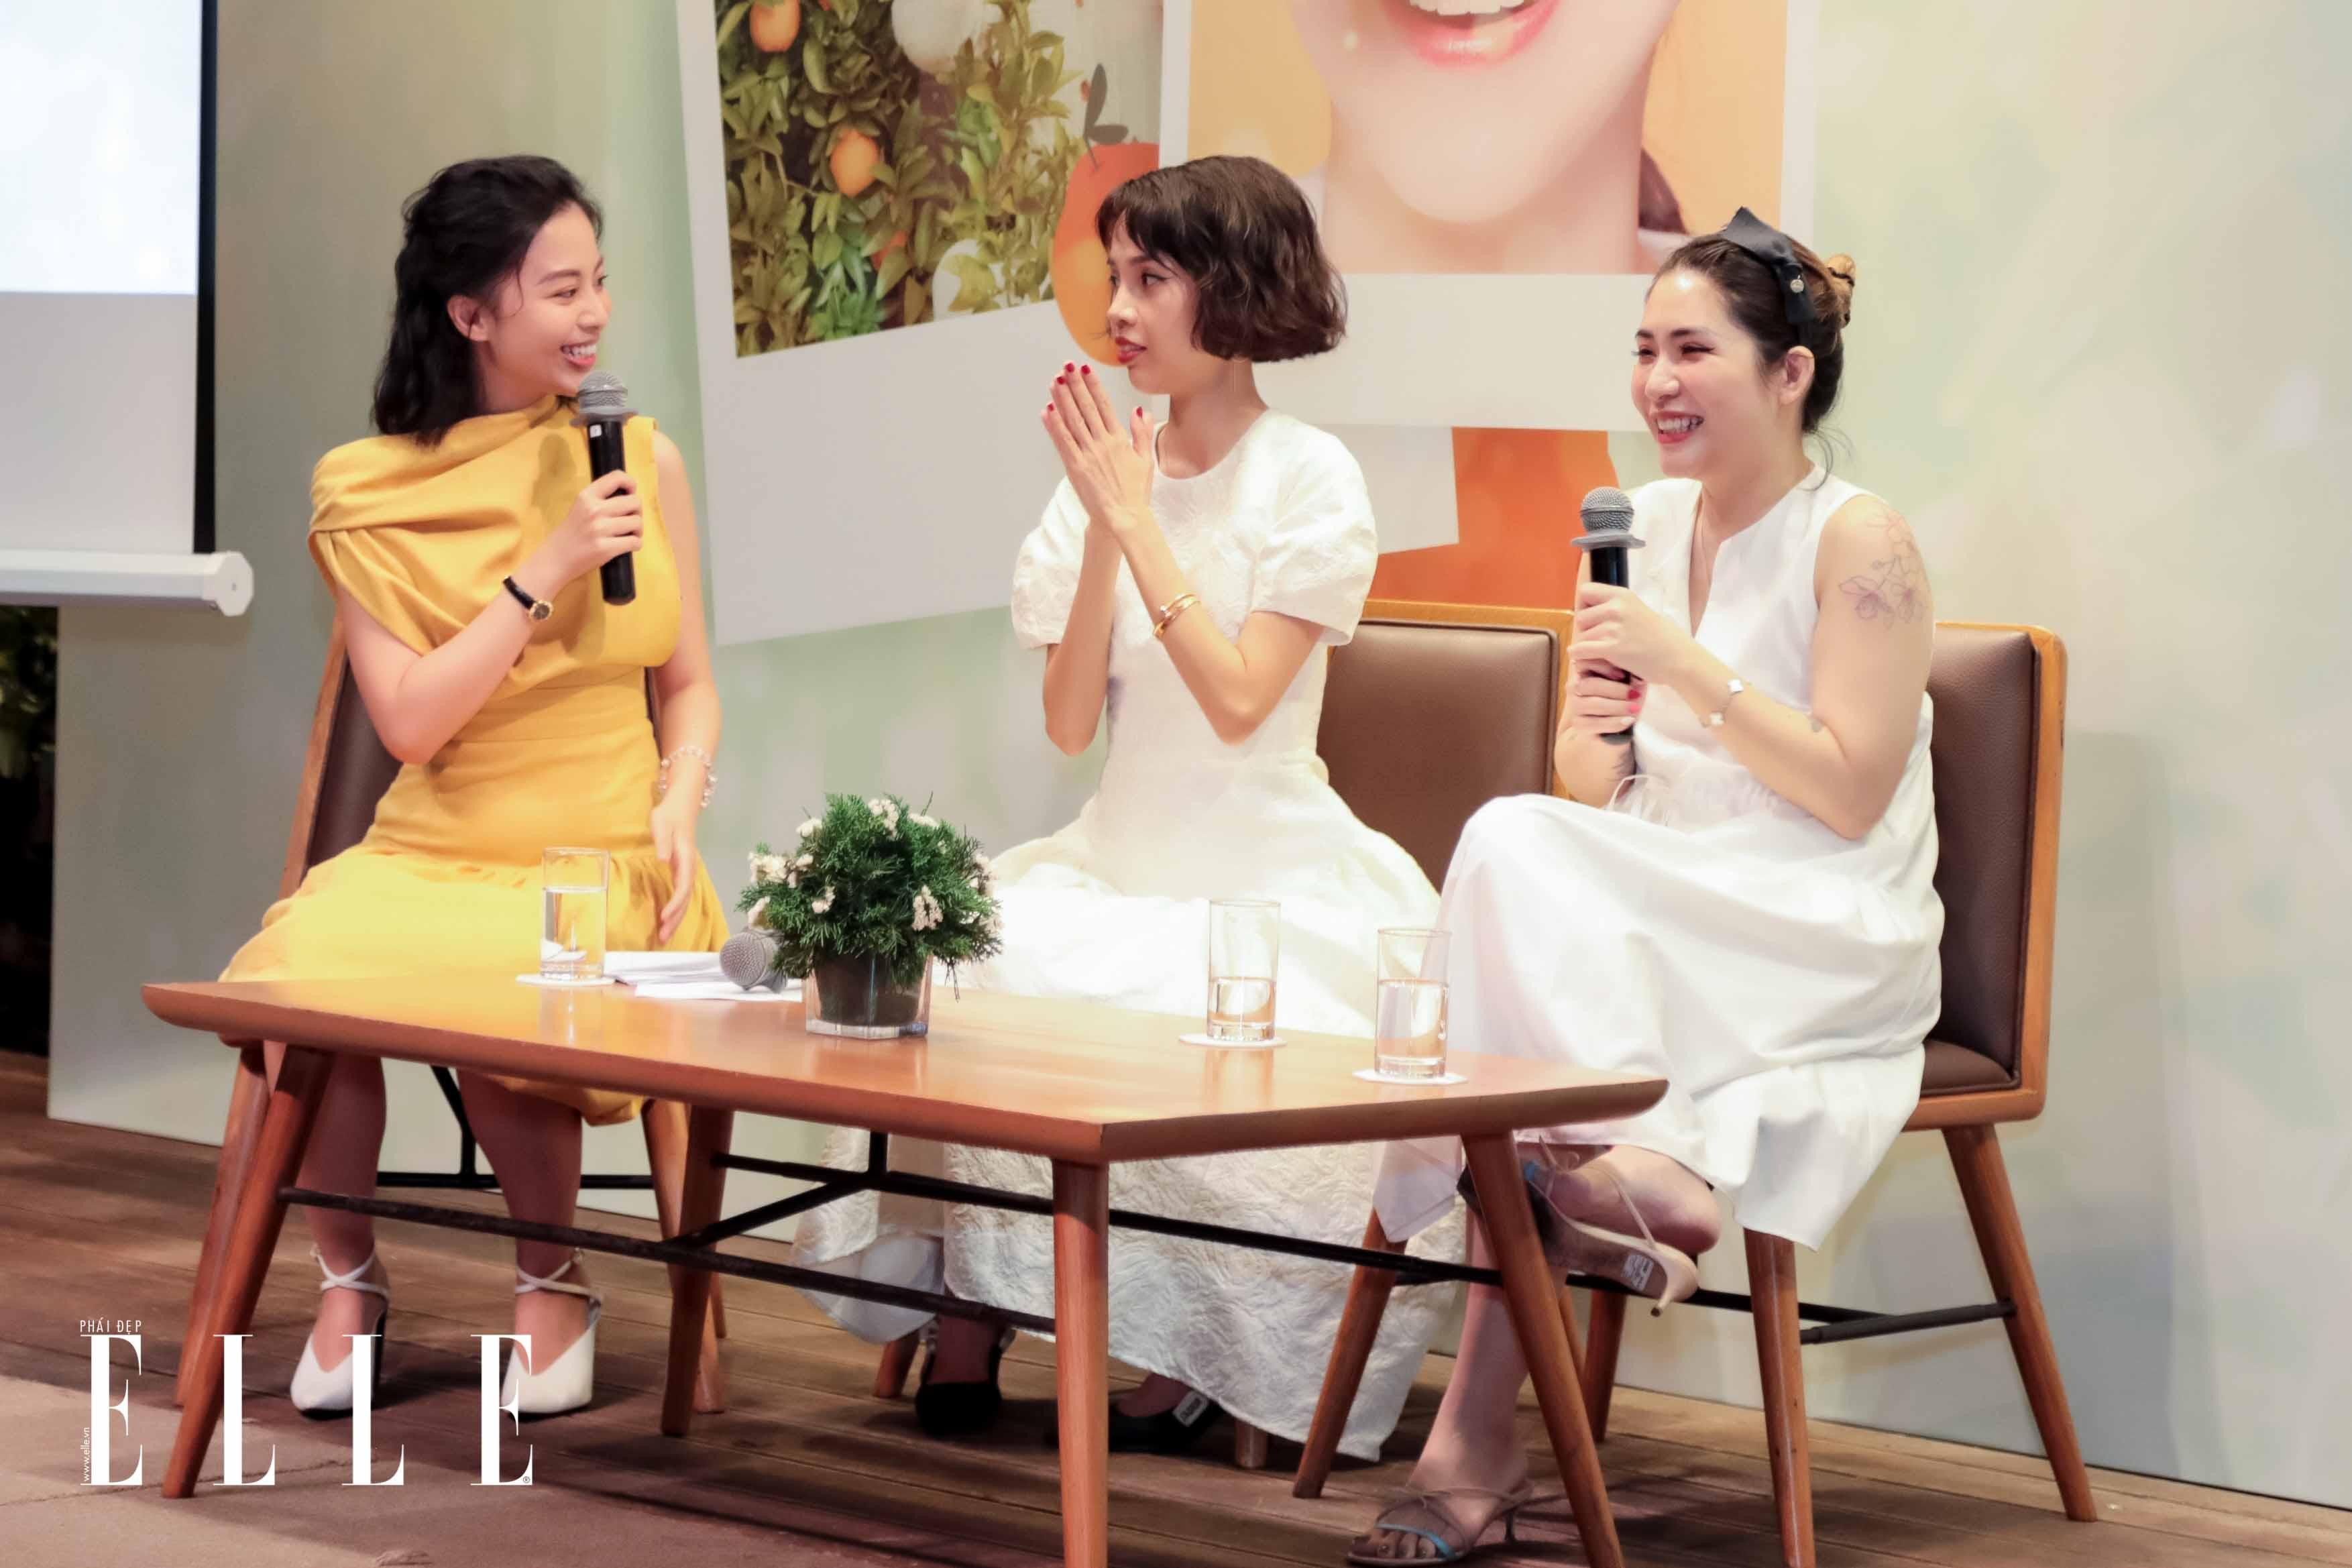 MC Tuyền Tăng, Nicky Khánh Ngọc và Lâm Thúy Nhàn trao đổi tại workshop innisfree